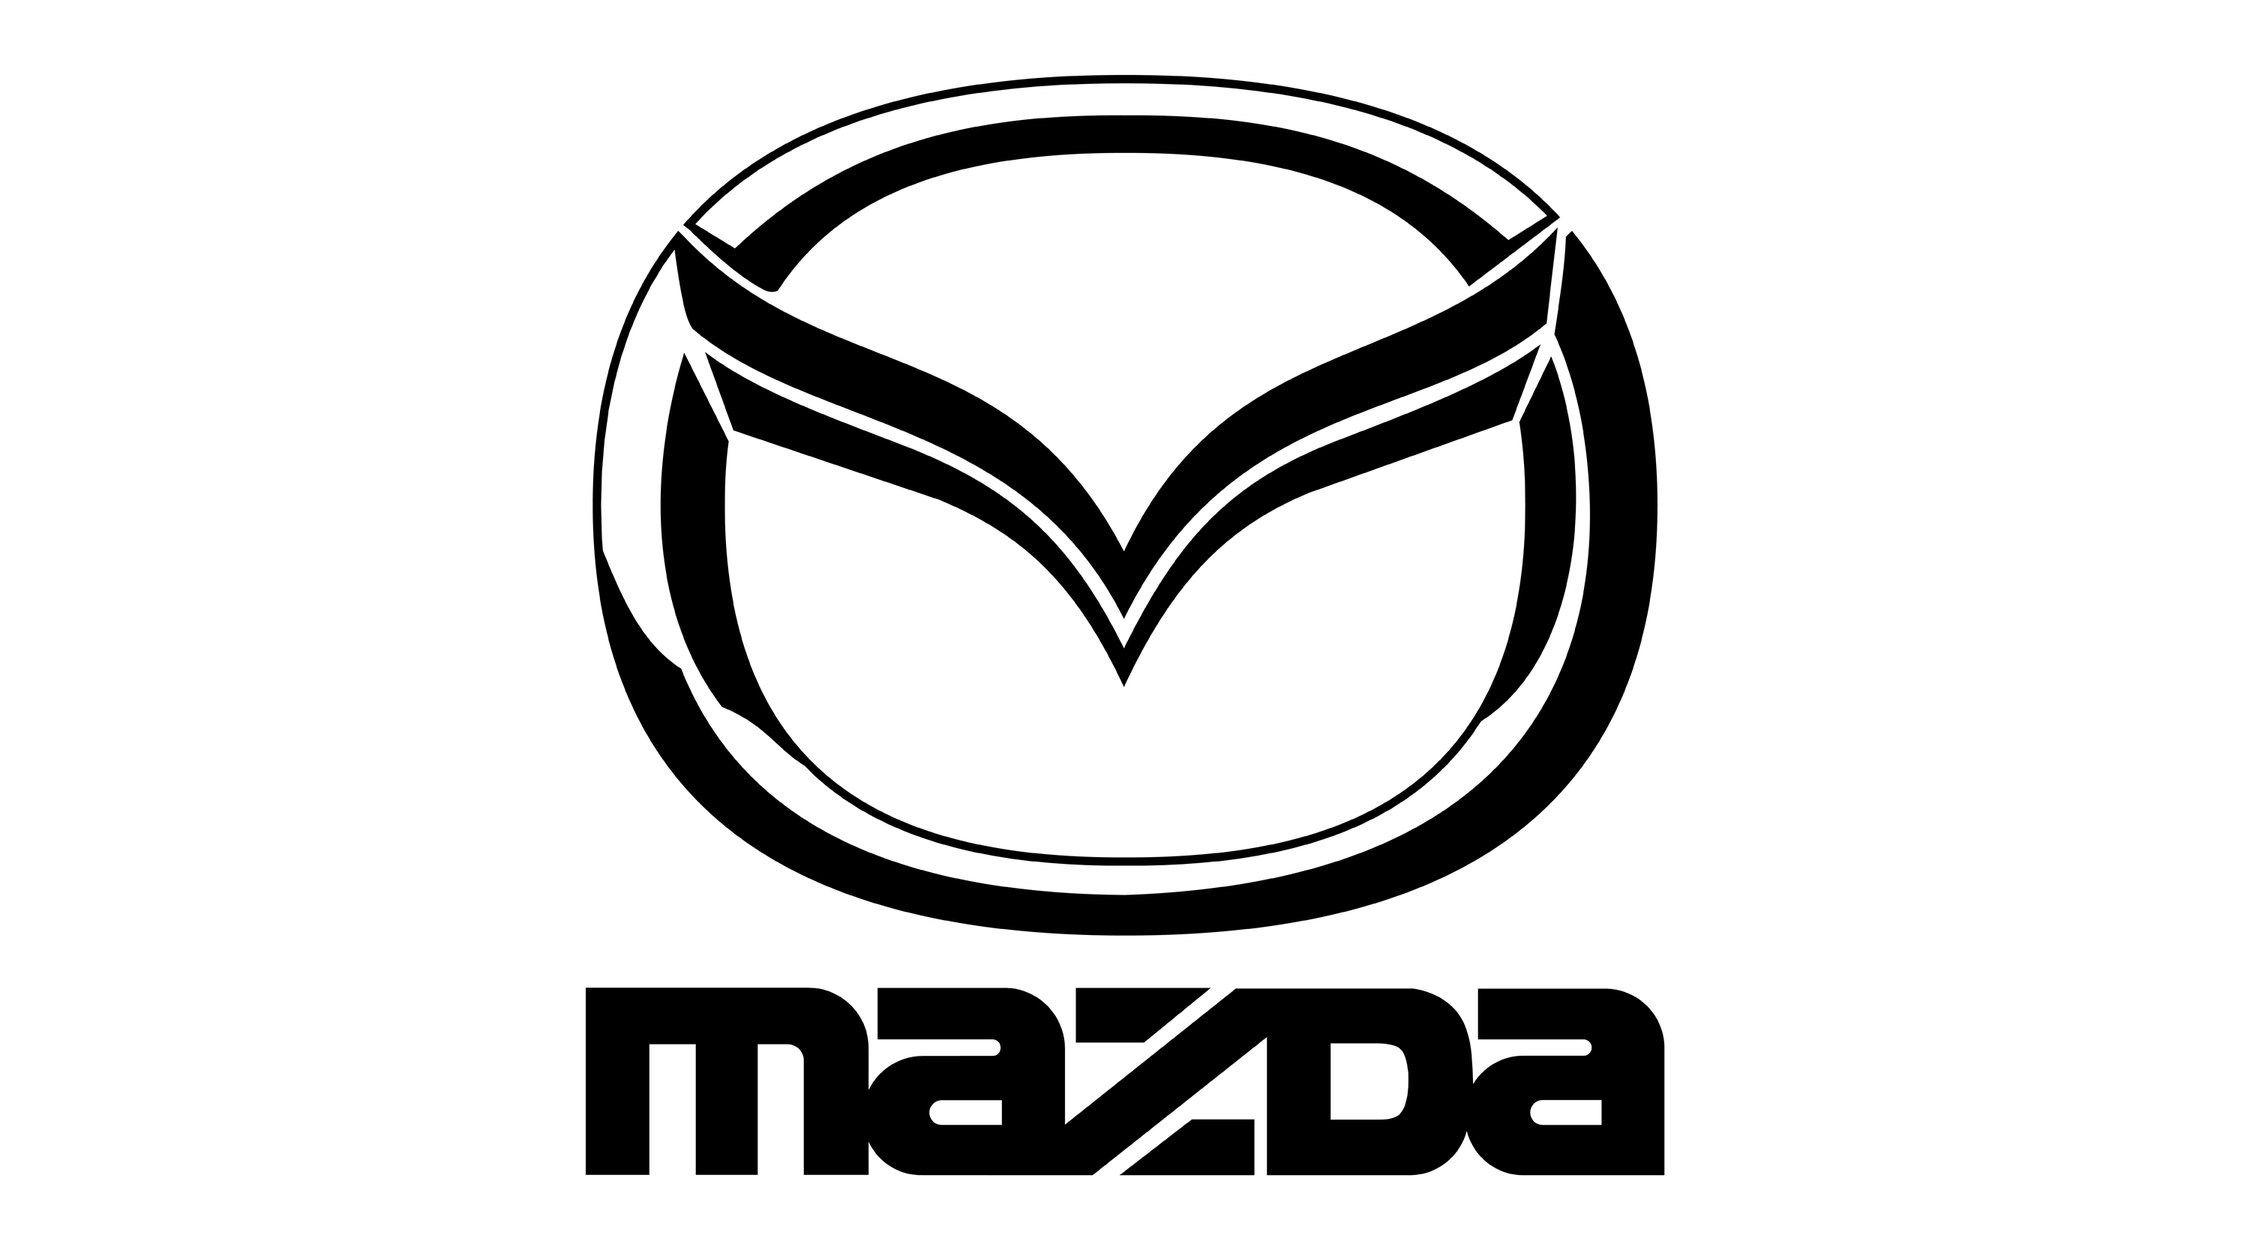 Mazda logo backgrounds for laptop 2250 x 1250 115 kb mazda logo backgrounds for laptop 2250 x 1250 115 kb biocorpaavc Gallery